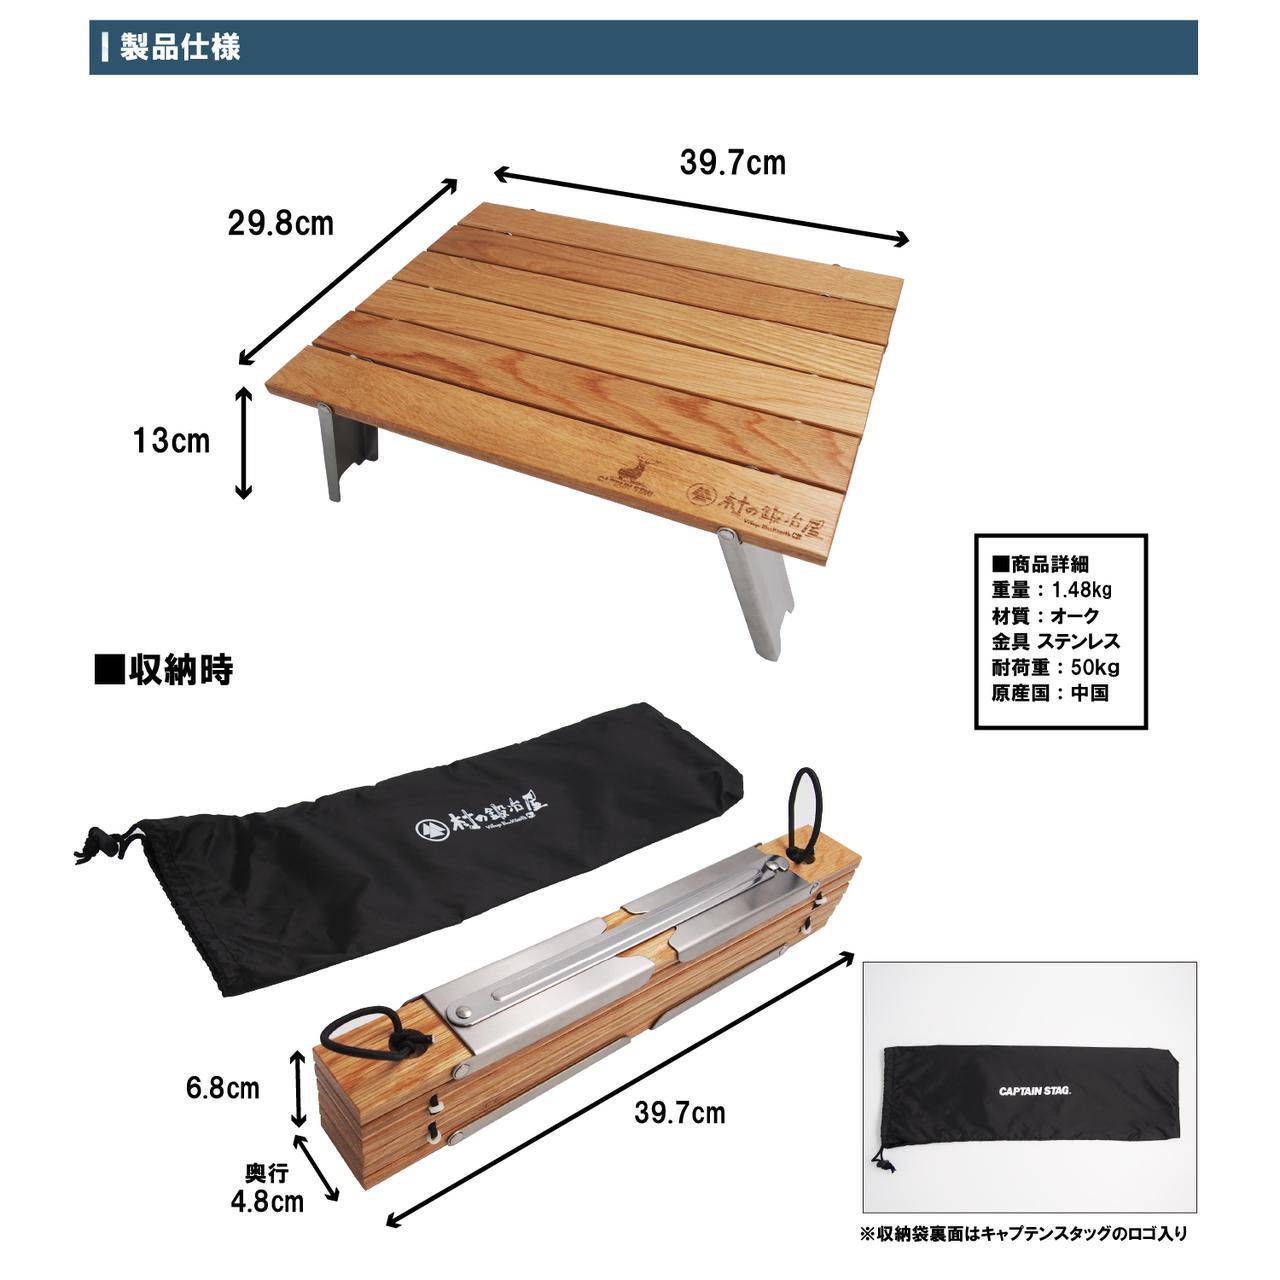 画像7: 【CAPTAIN STAG × 村の鍛冶屋】ライバルの共演!オリジナル木製ロールテーブルを9/17より限定500台発売